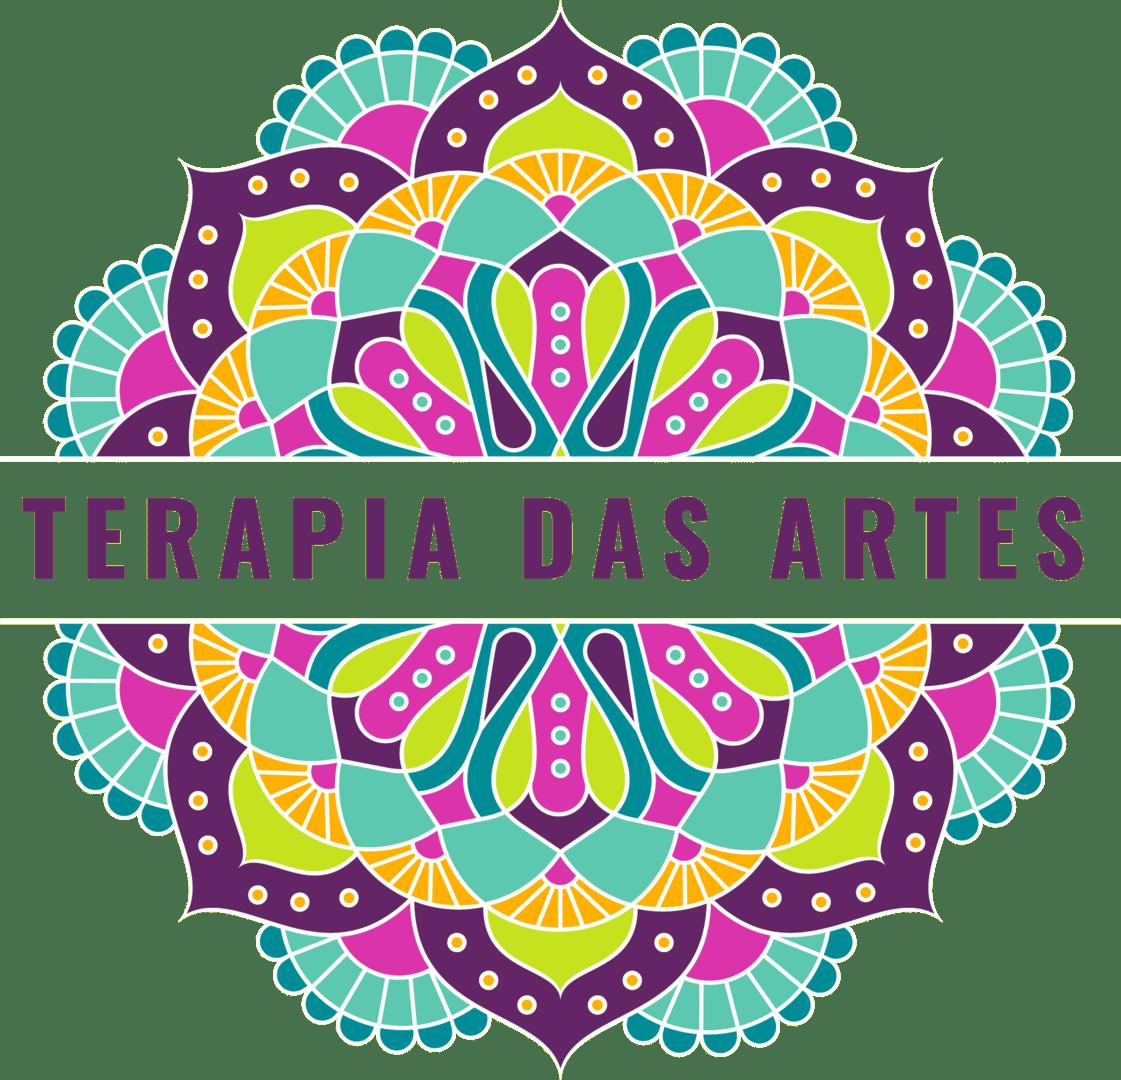 TERAPIA DAS ARTES-transparente